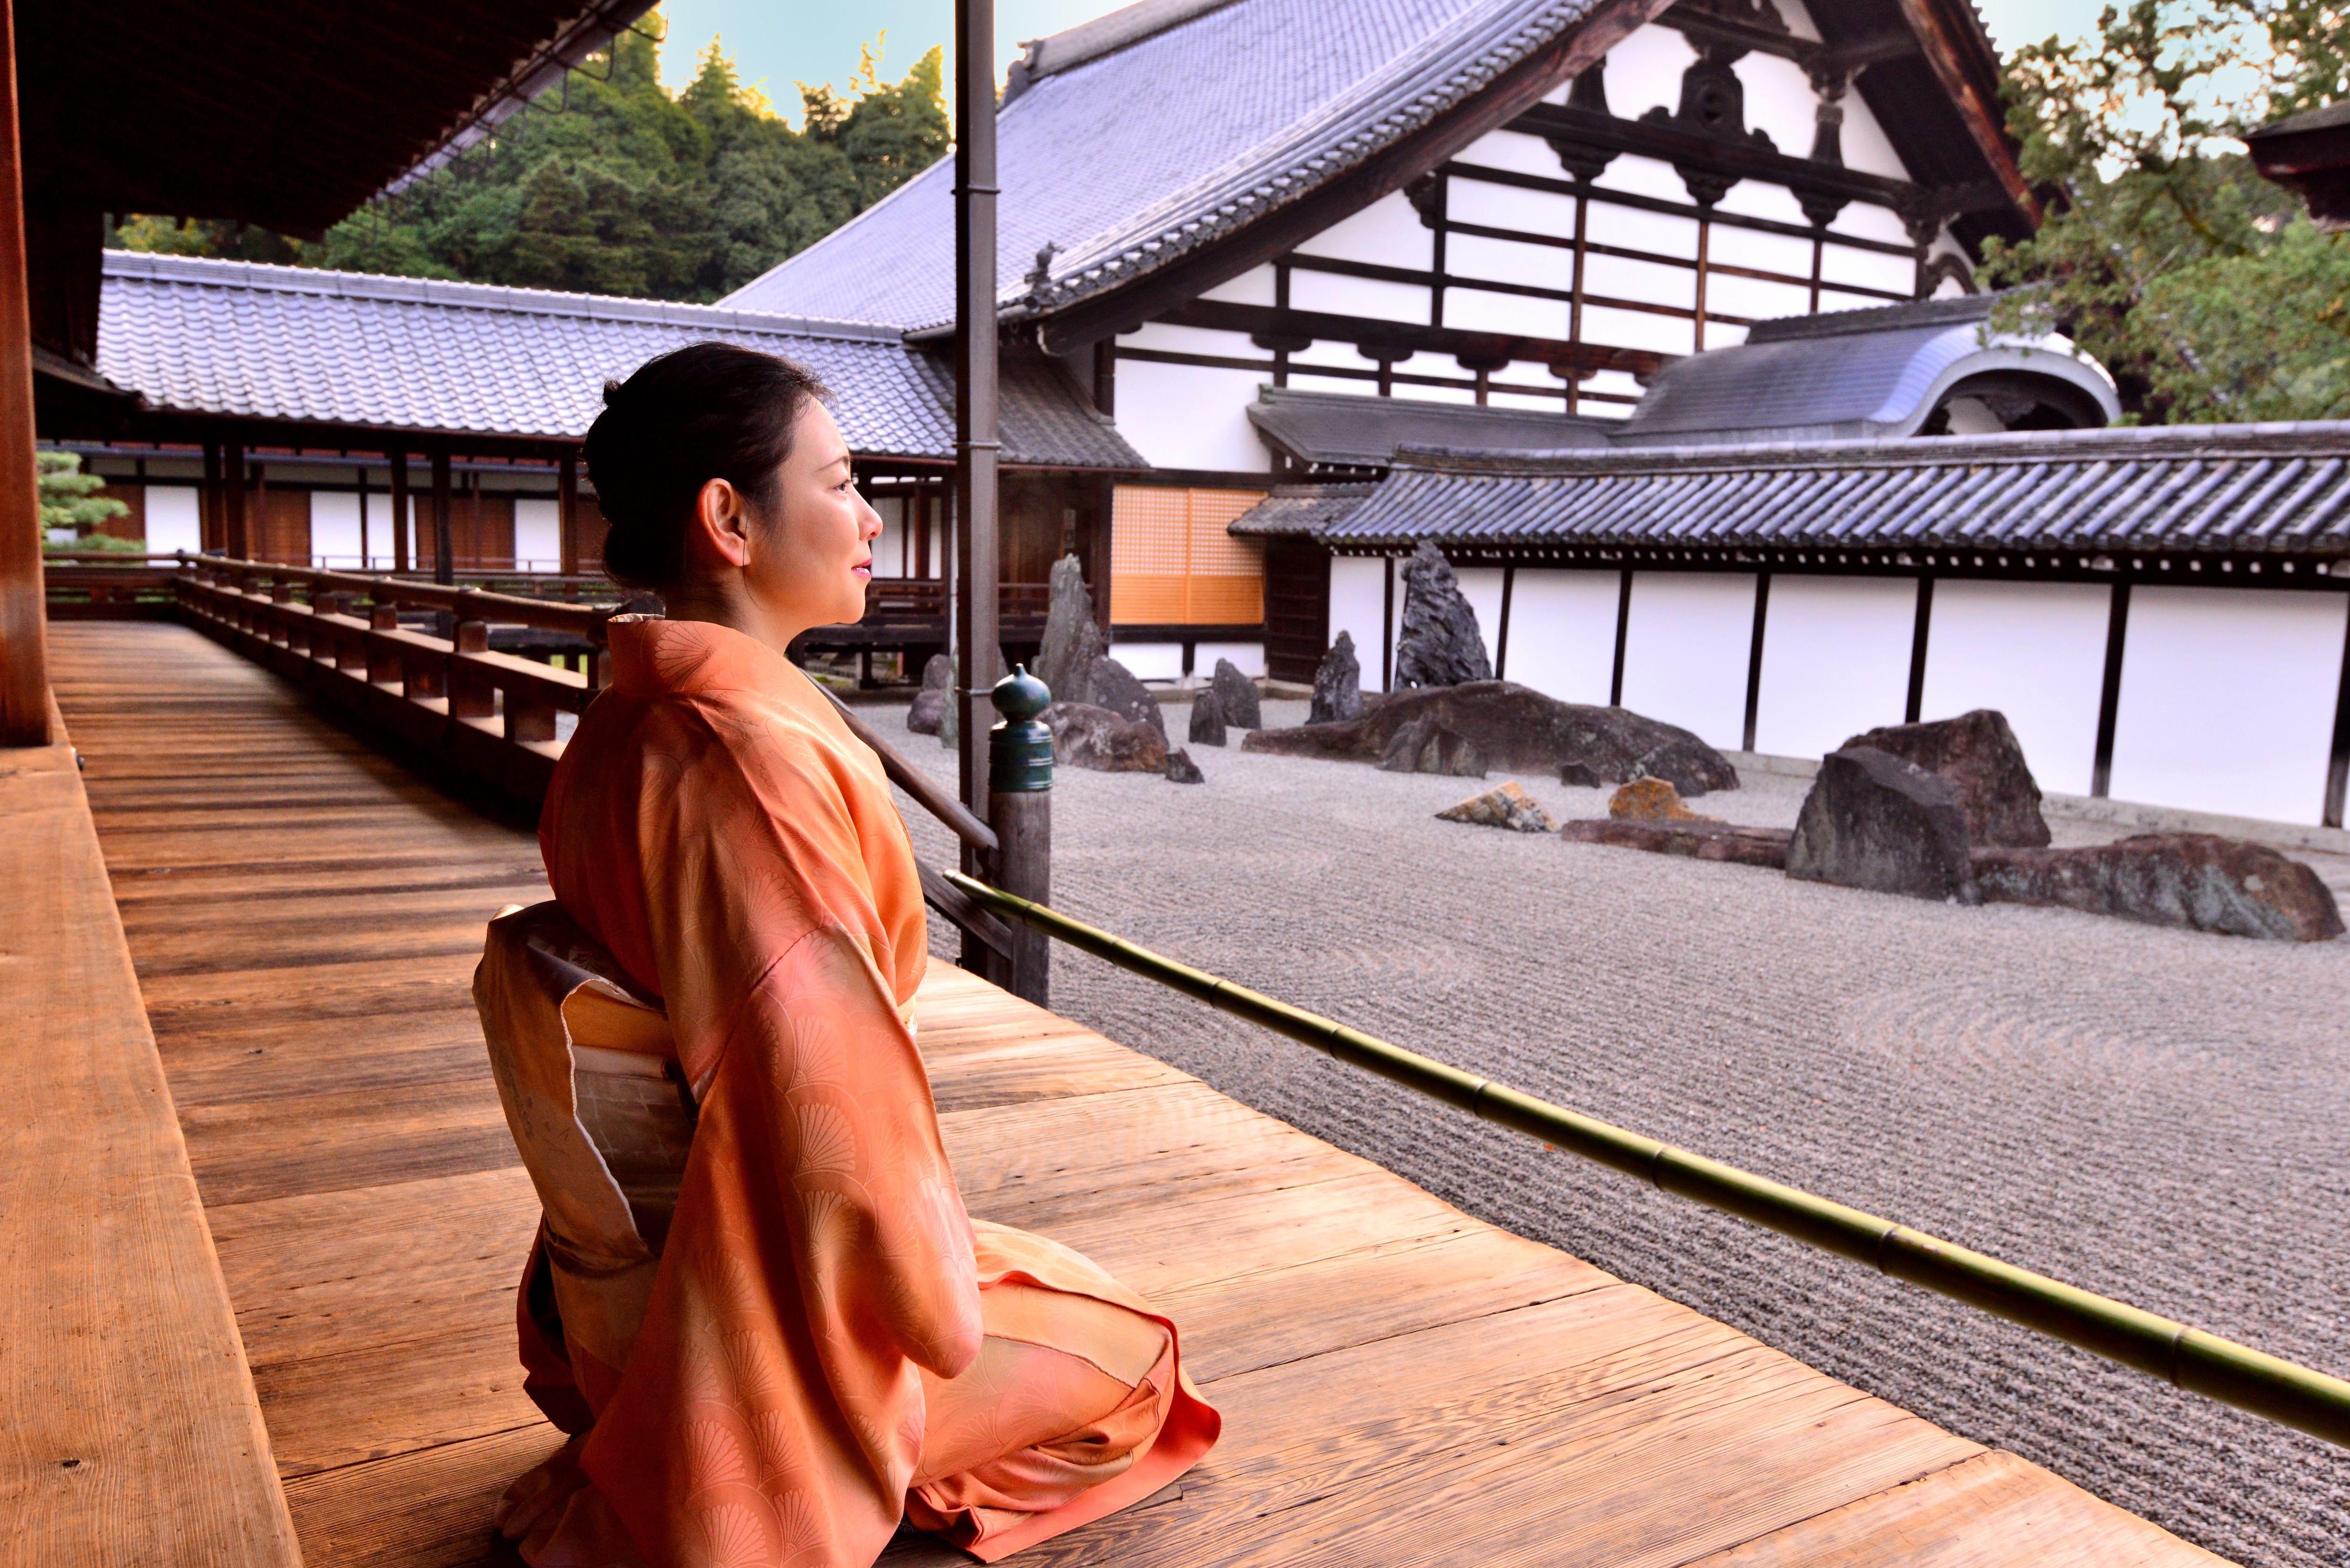 京美人の腹黒さは気遣いの美学? 『ケンミンショー』で京都の謎に迫る